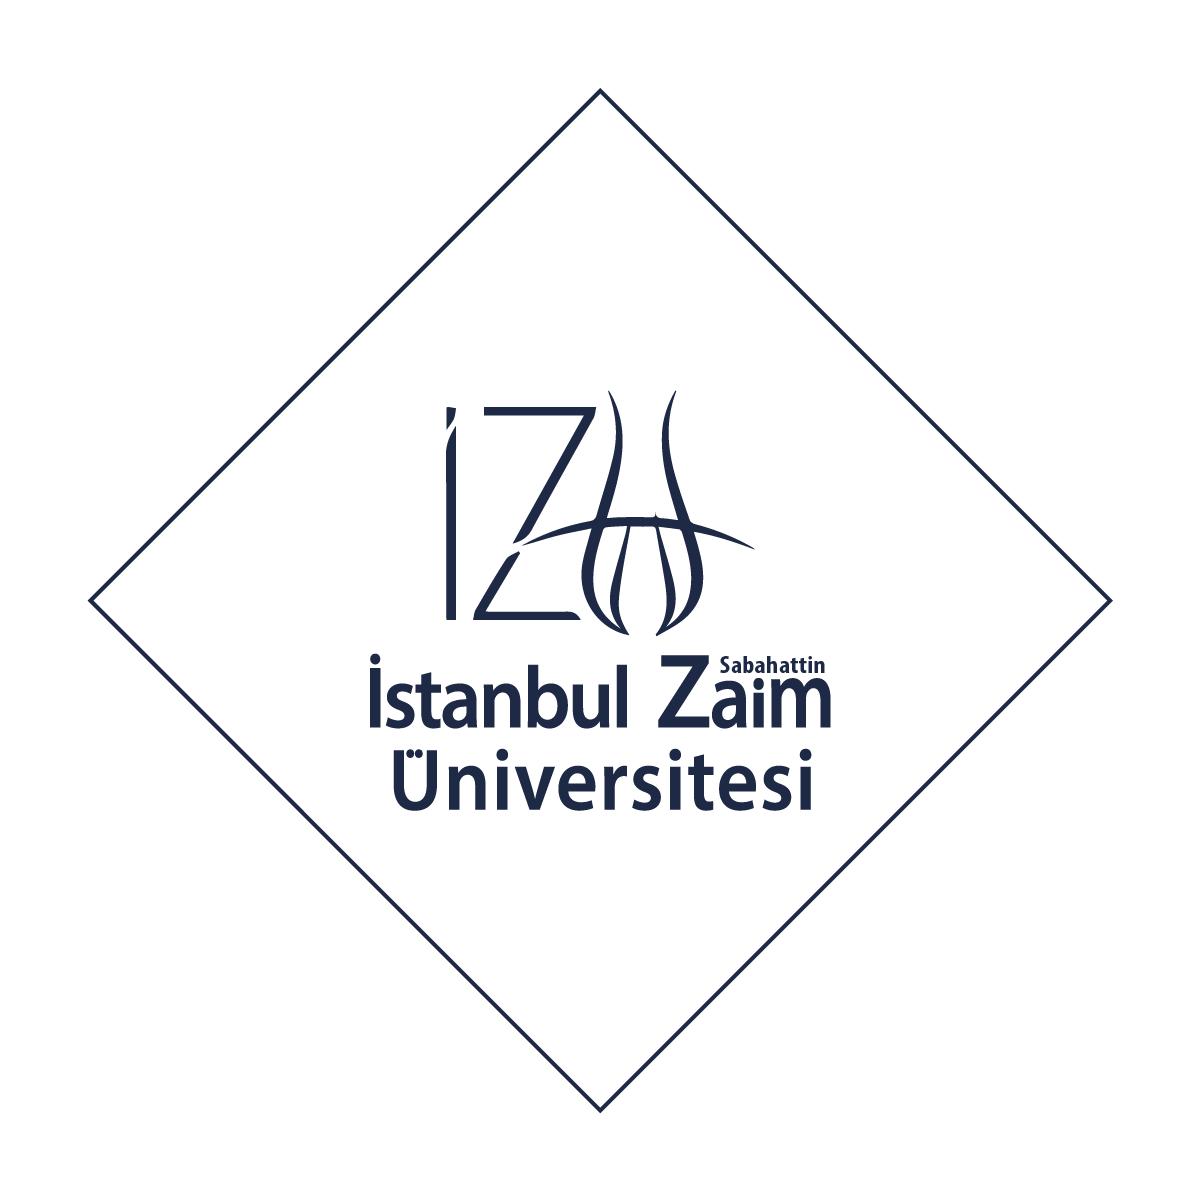 جامعة صباح الدين الزعيم